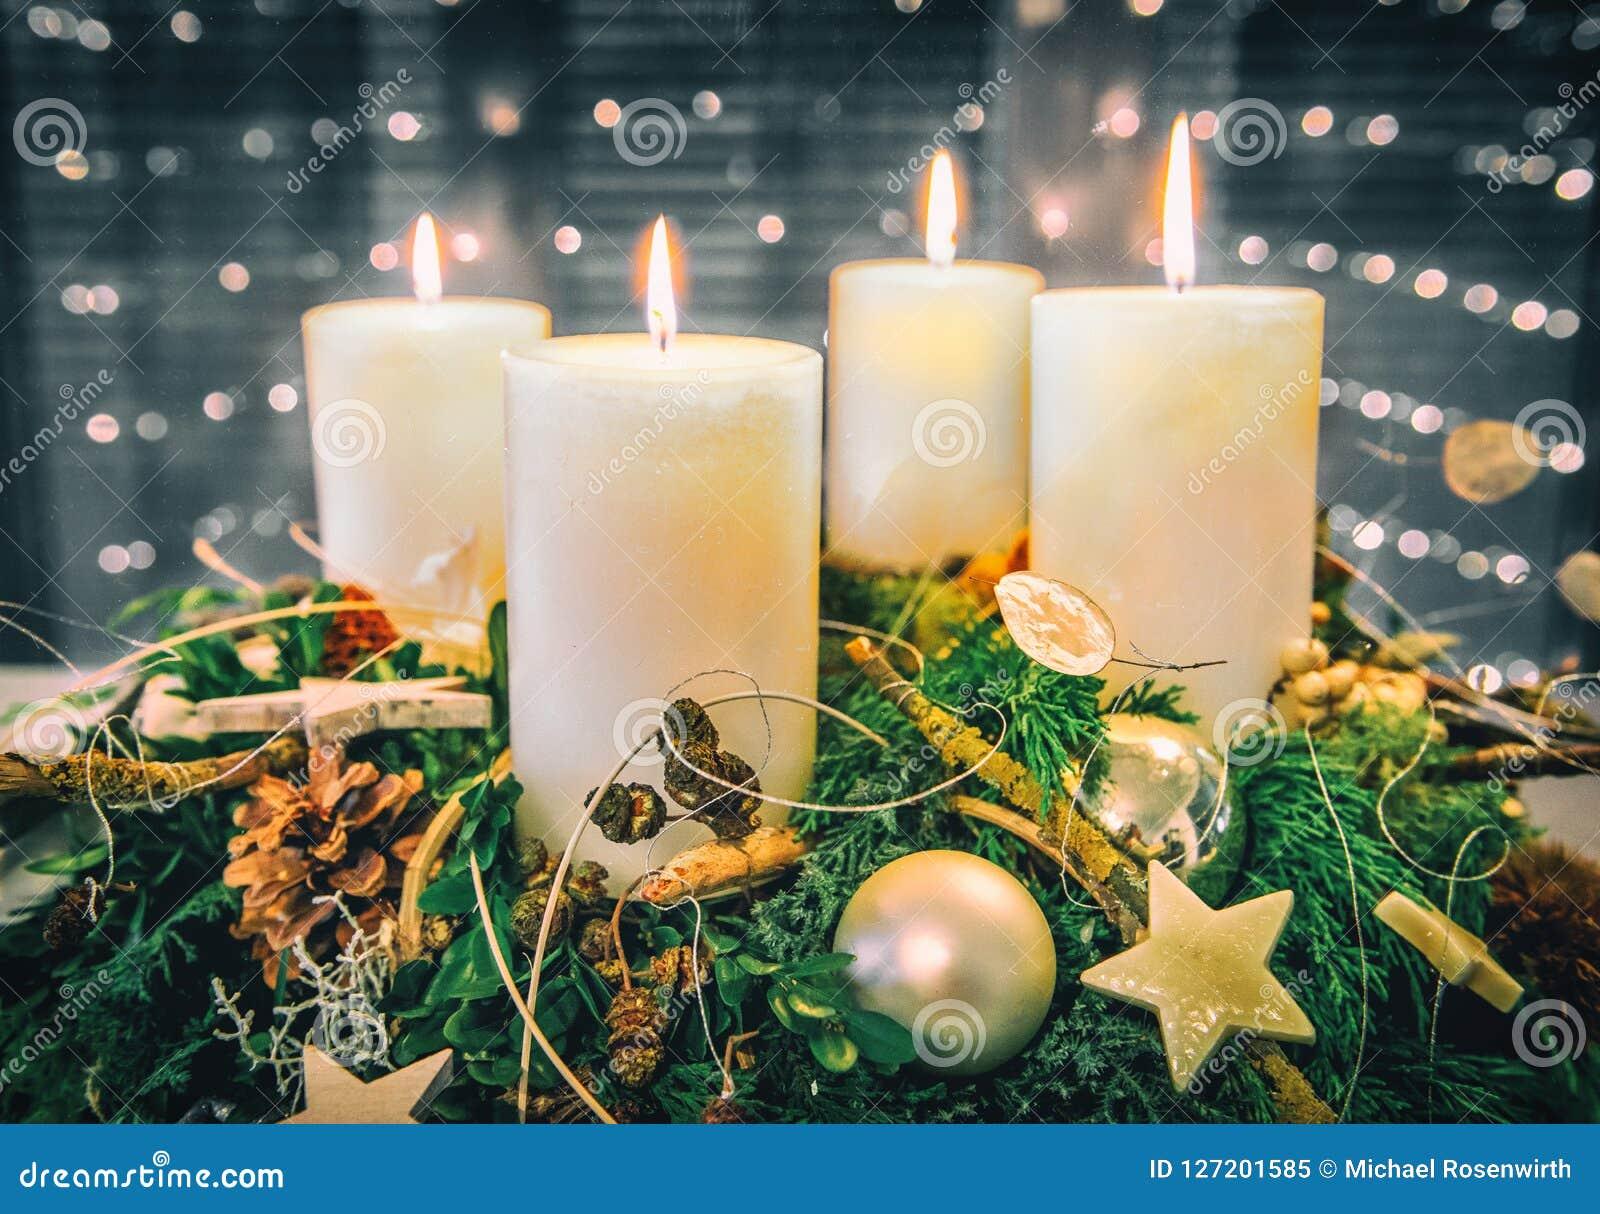 Advent Wreath festivo con las velas ardientes